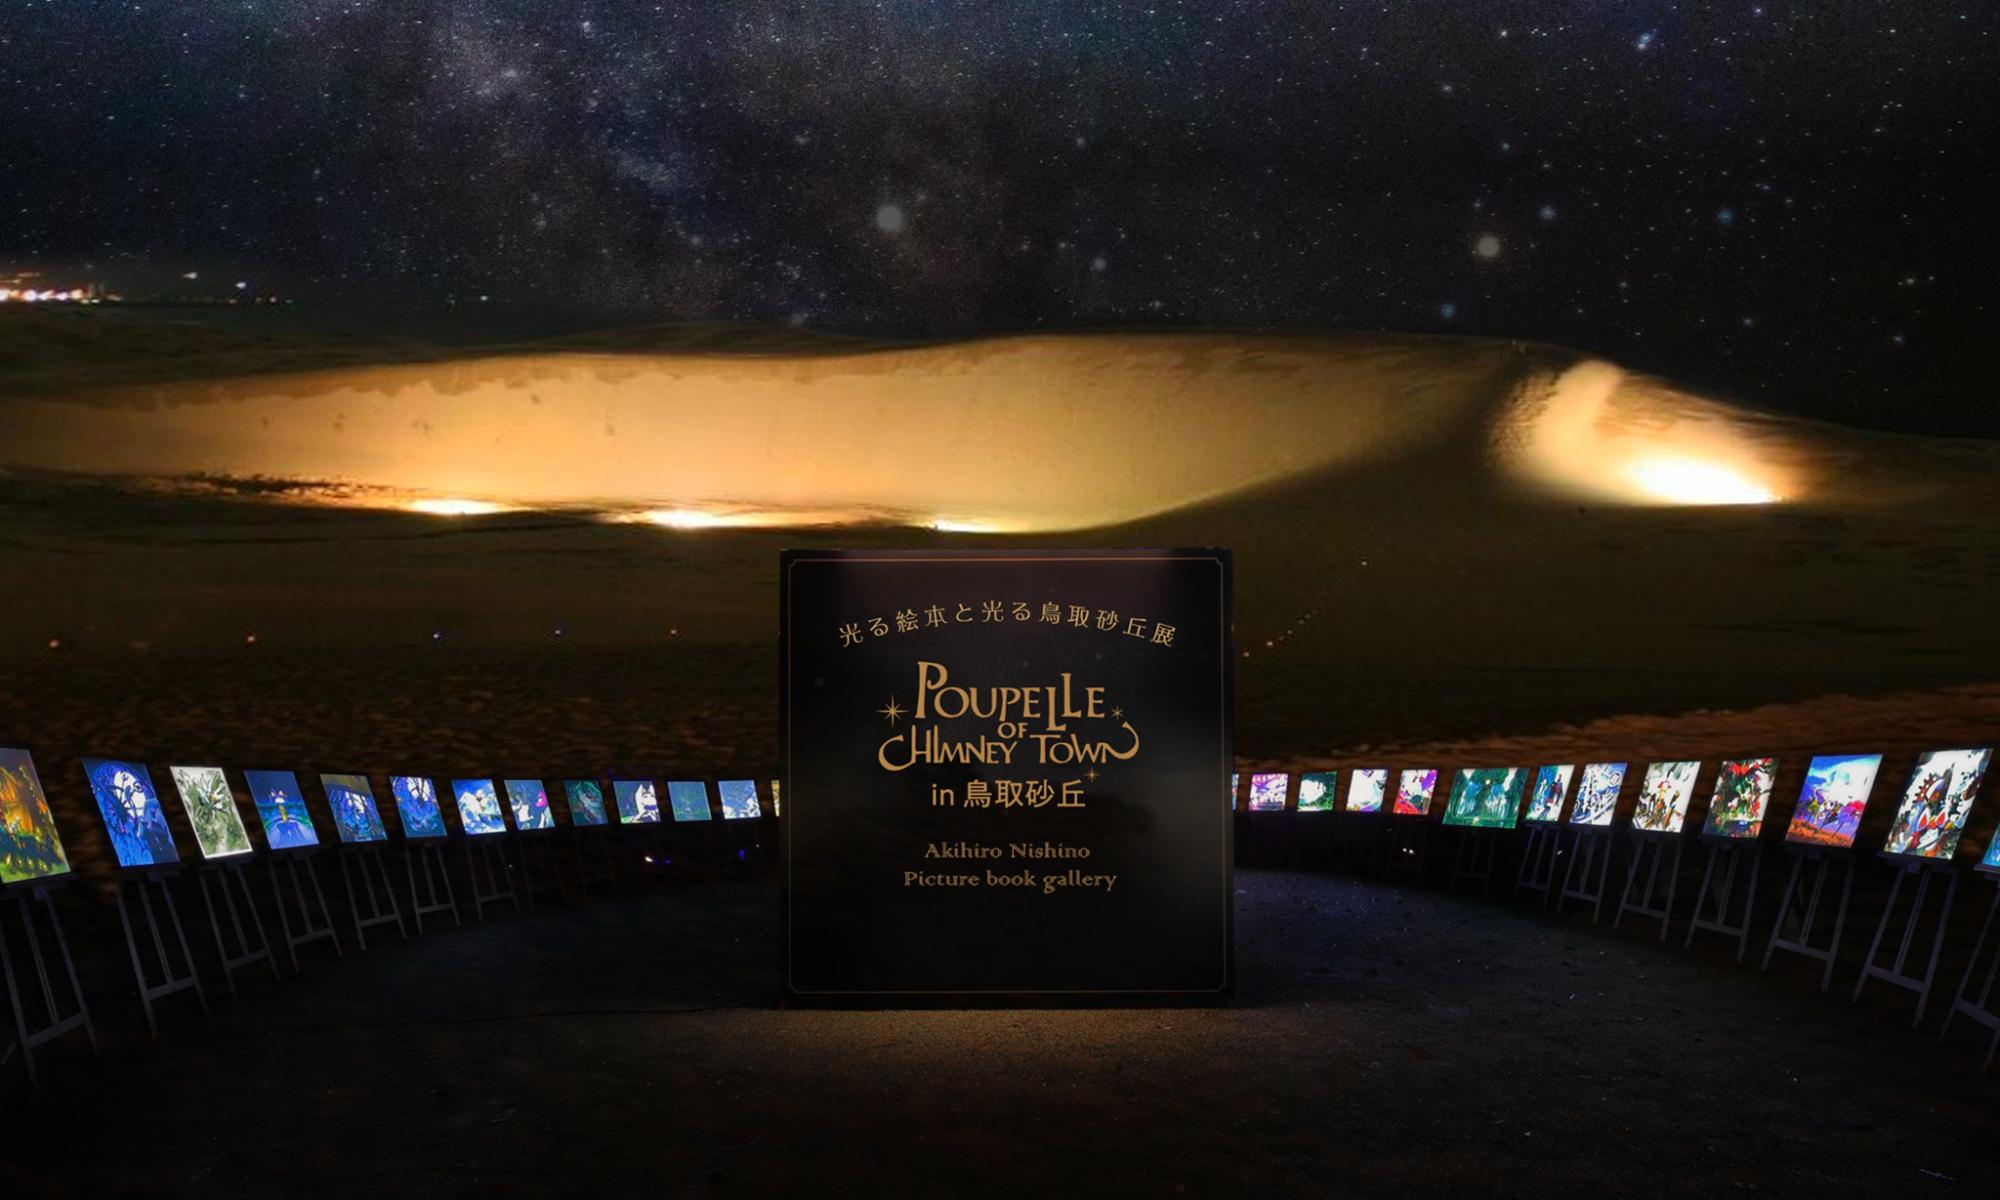 えんとつ町のプペル 光る絵本と光る鳥取砂丘展